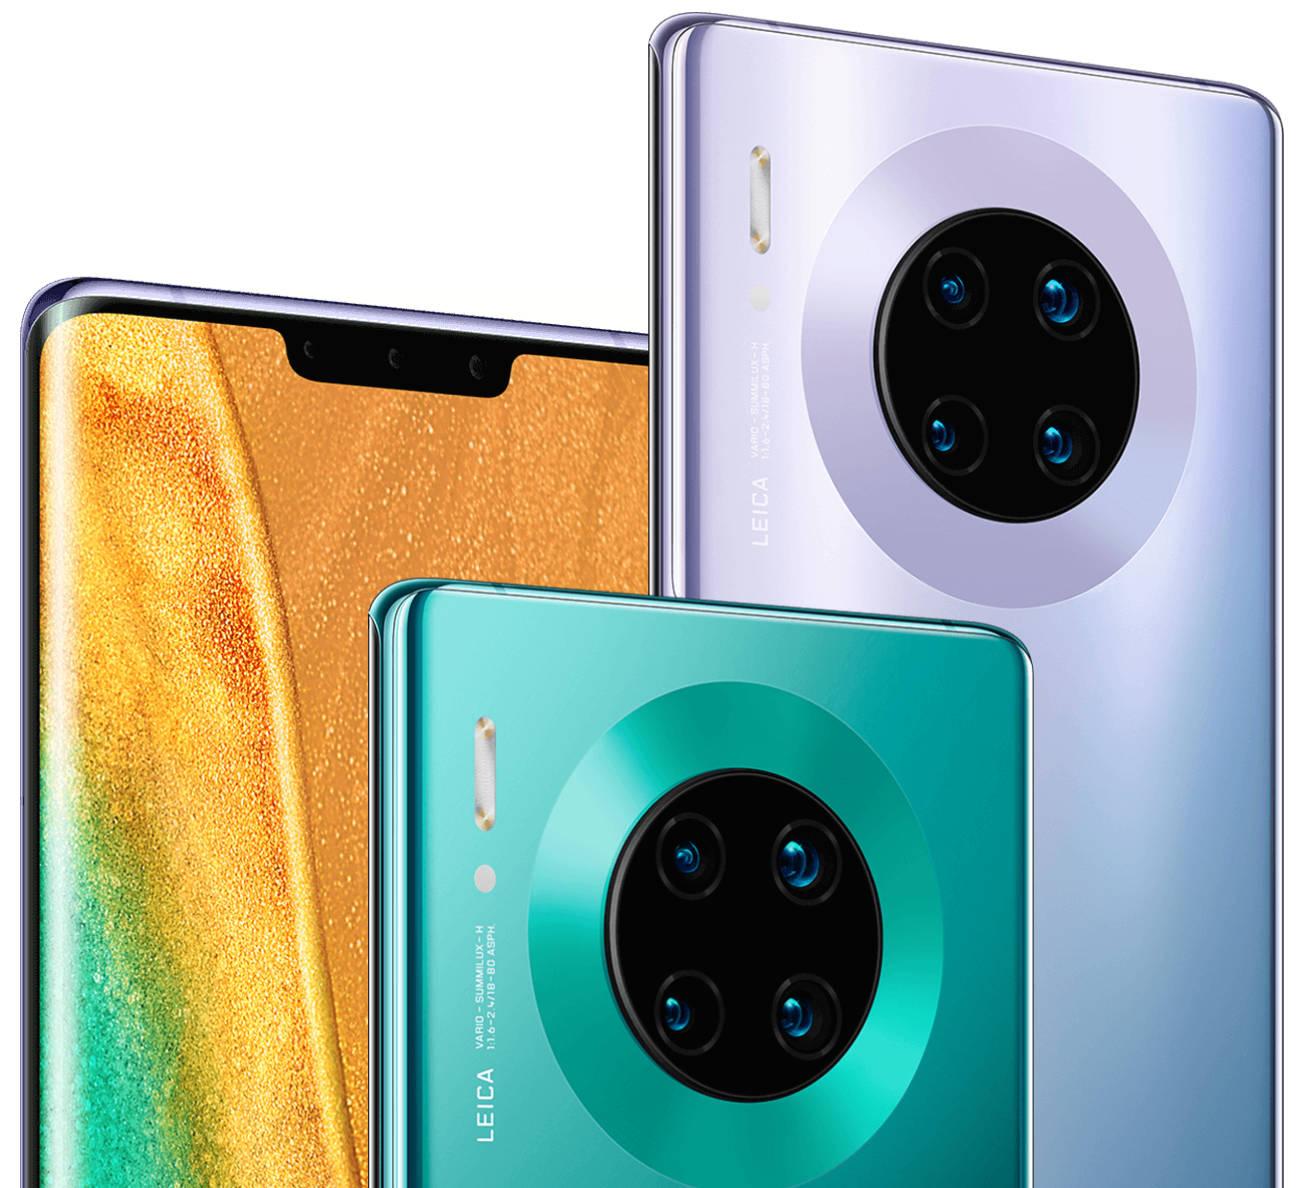 Huawei Mate 30 Pro 5G cena gdzie kupić w Polsce opinie specyfikacja dane techniczne